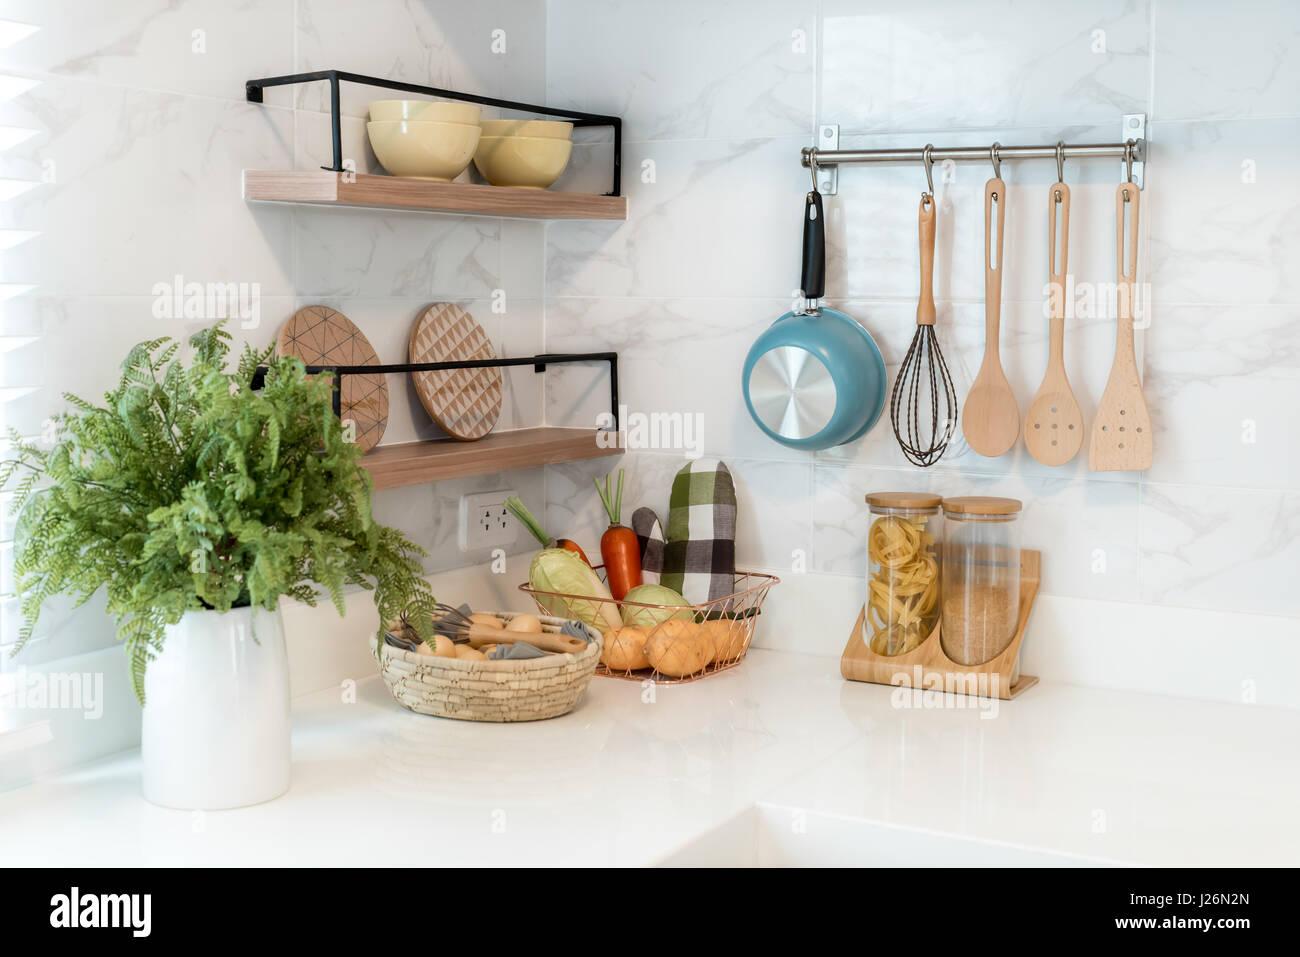 Utensilios de cocina de madera, accesorios de chef. Cobre colgantes cocina con azulejos blancos en la pared. Imagen De Stock